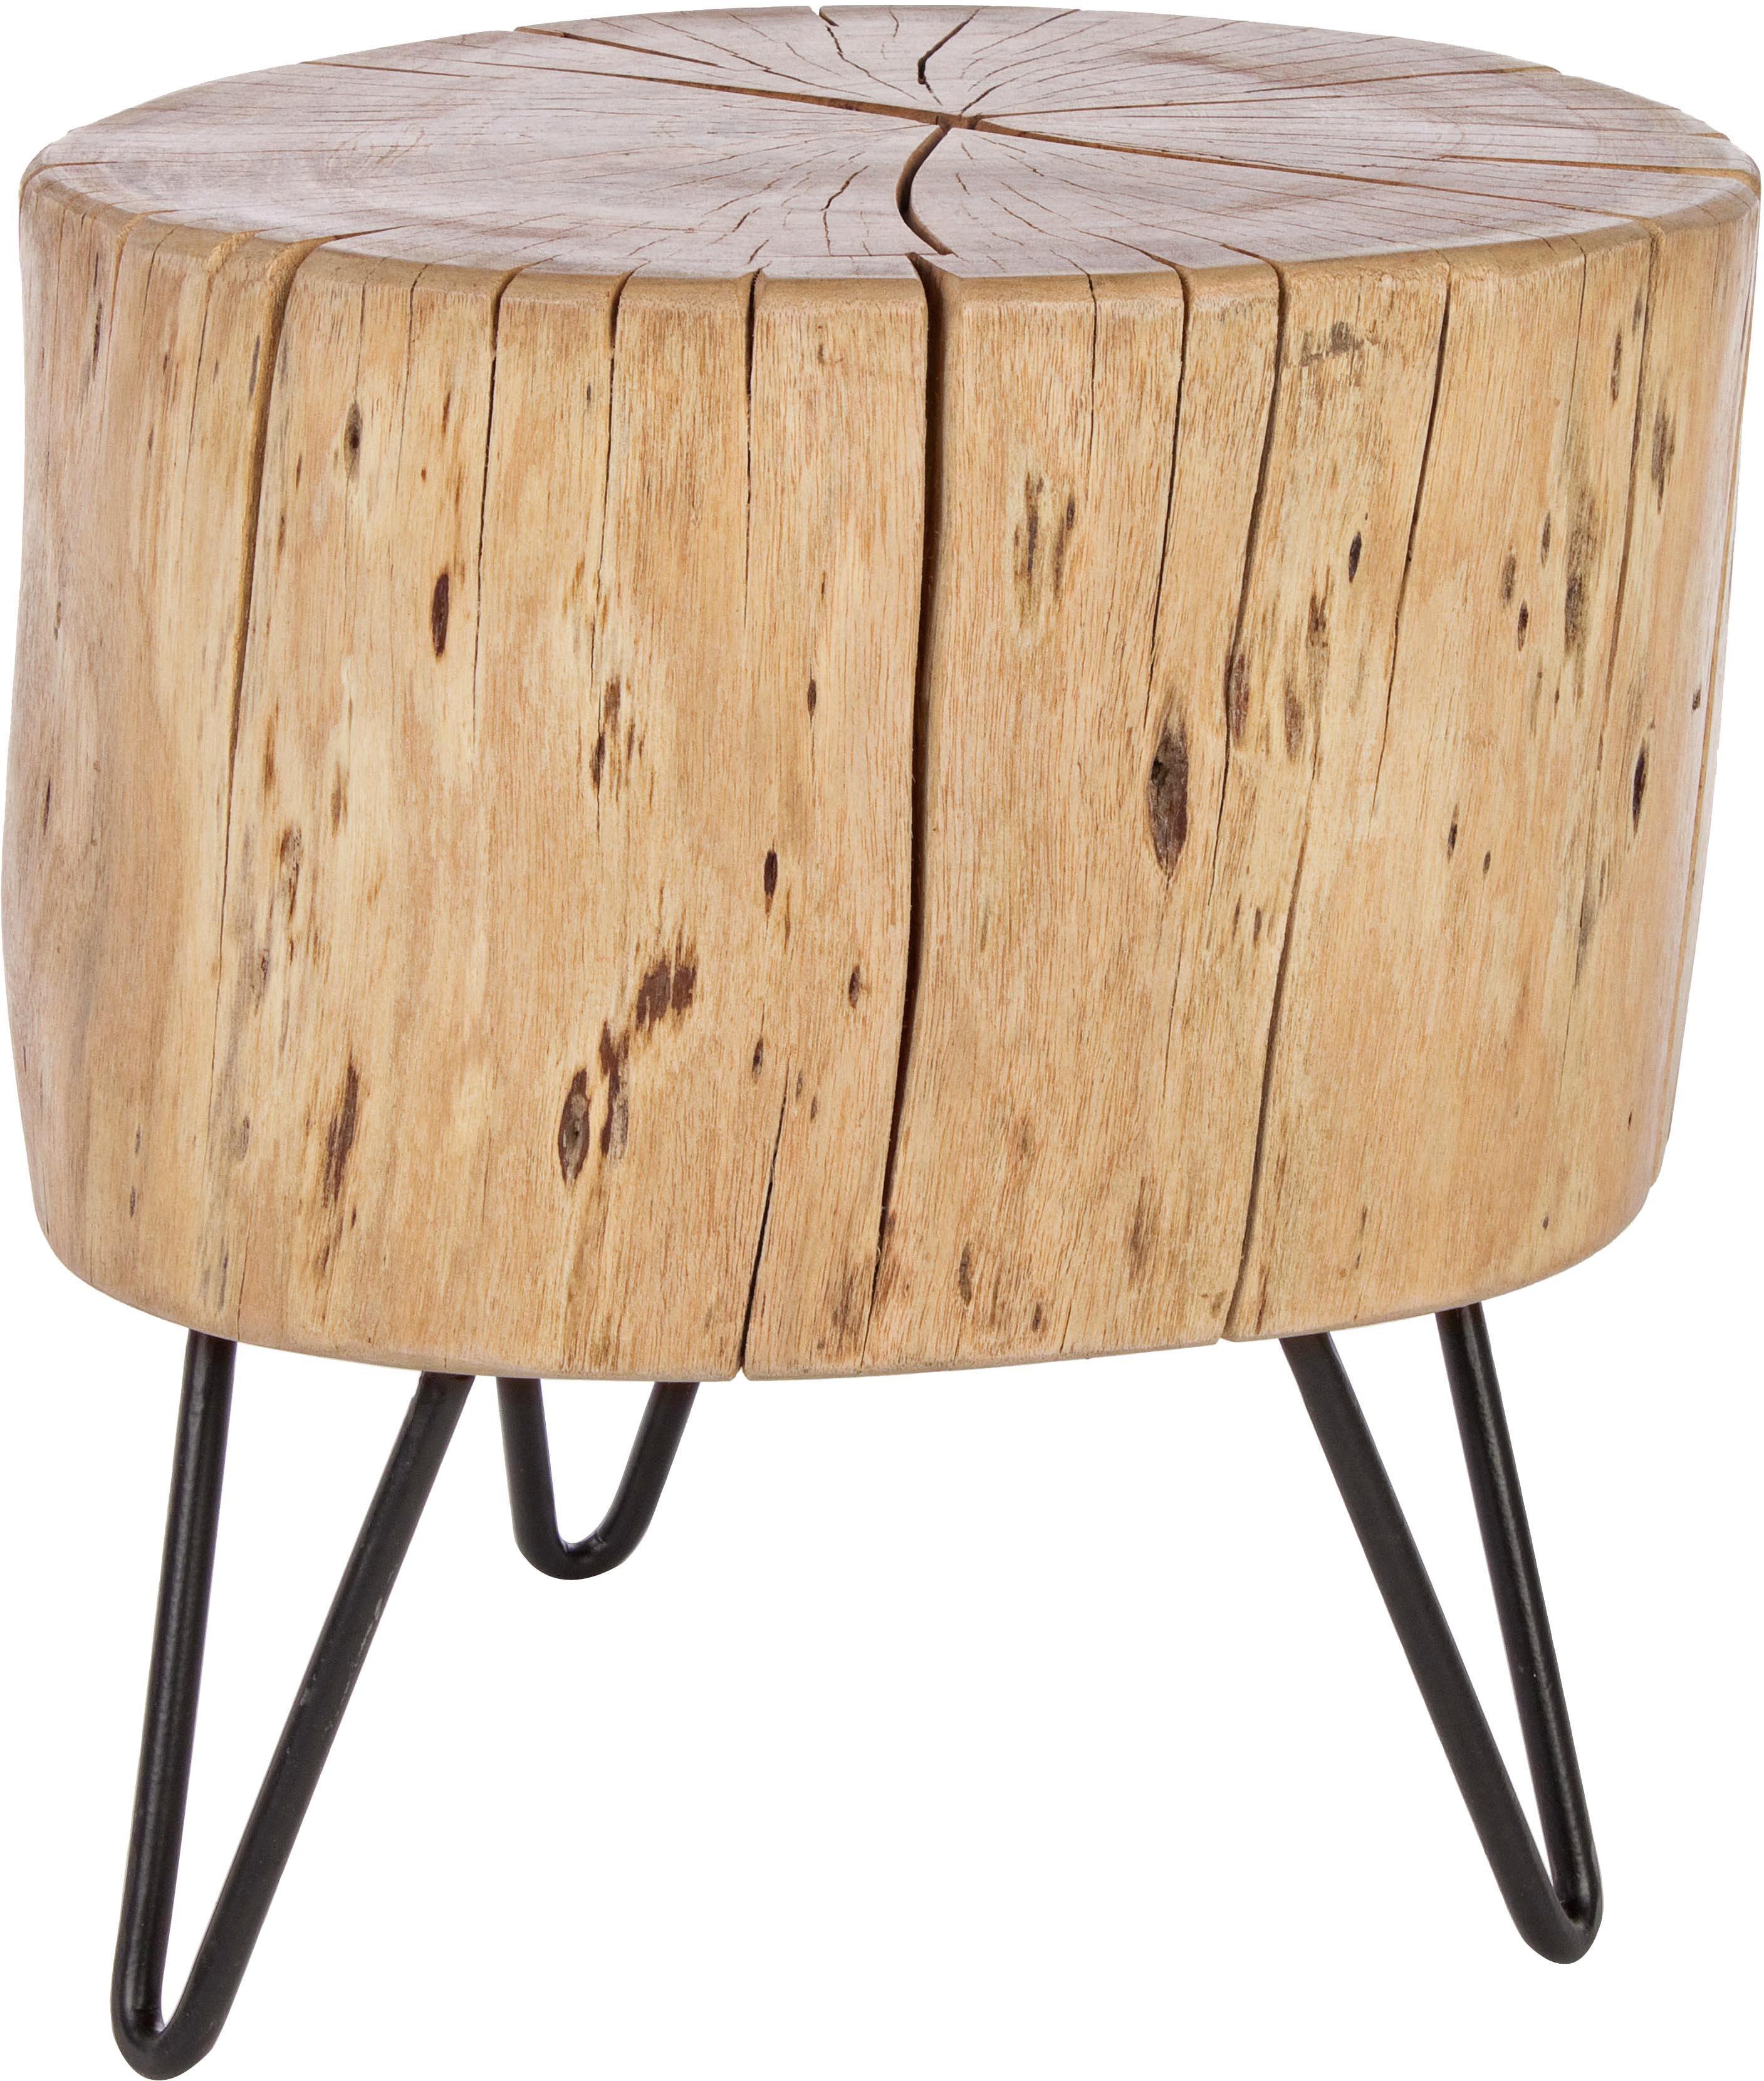 Beistelltisch Arthur aus Akazienholz, Tischplatte: Akazienholz, Braun, Schwarz, 35 x 35 cm